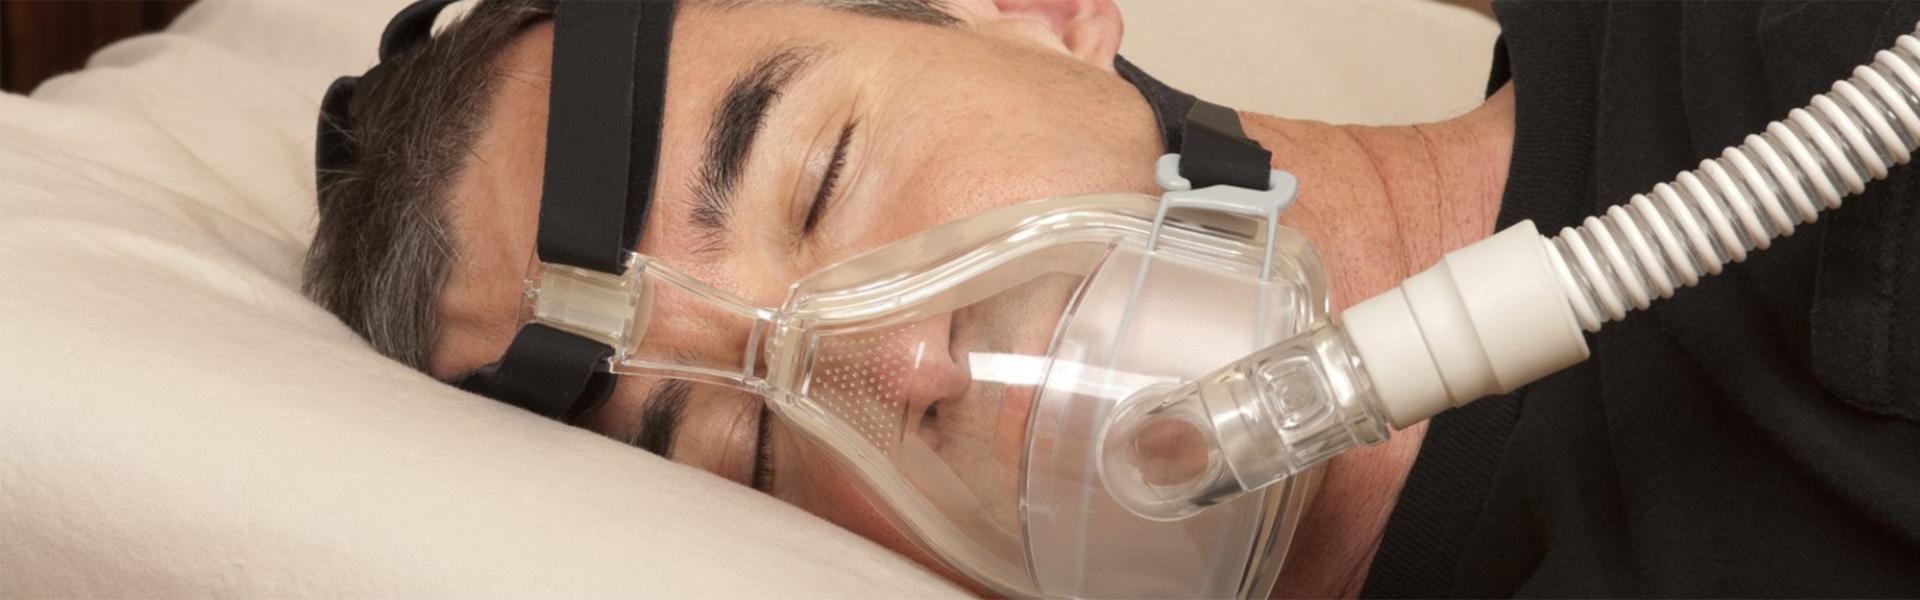 Should I Consider A CPAP Device For Mild Sleep Apnea Treatment?